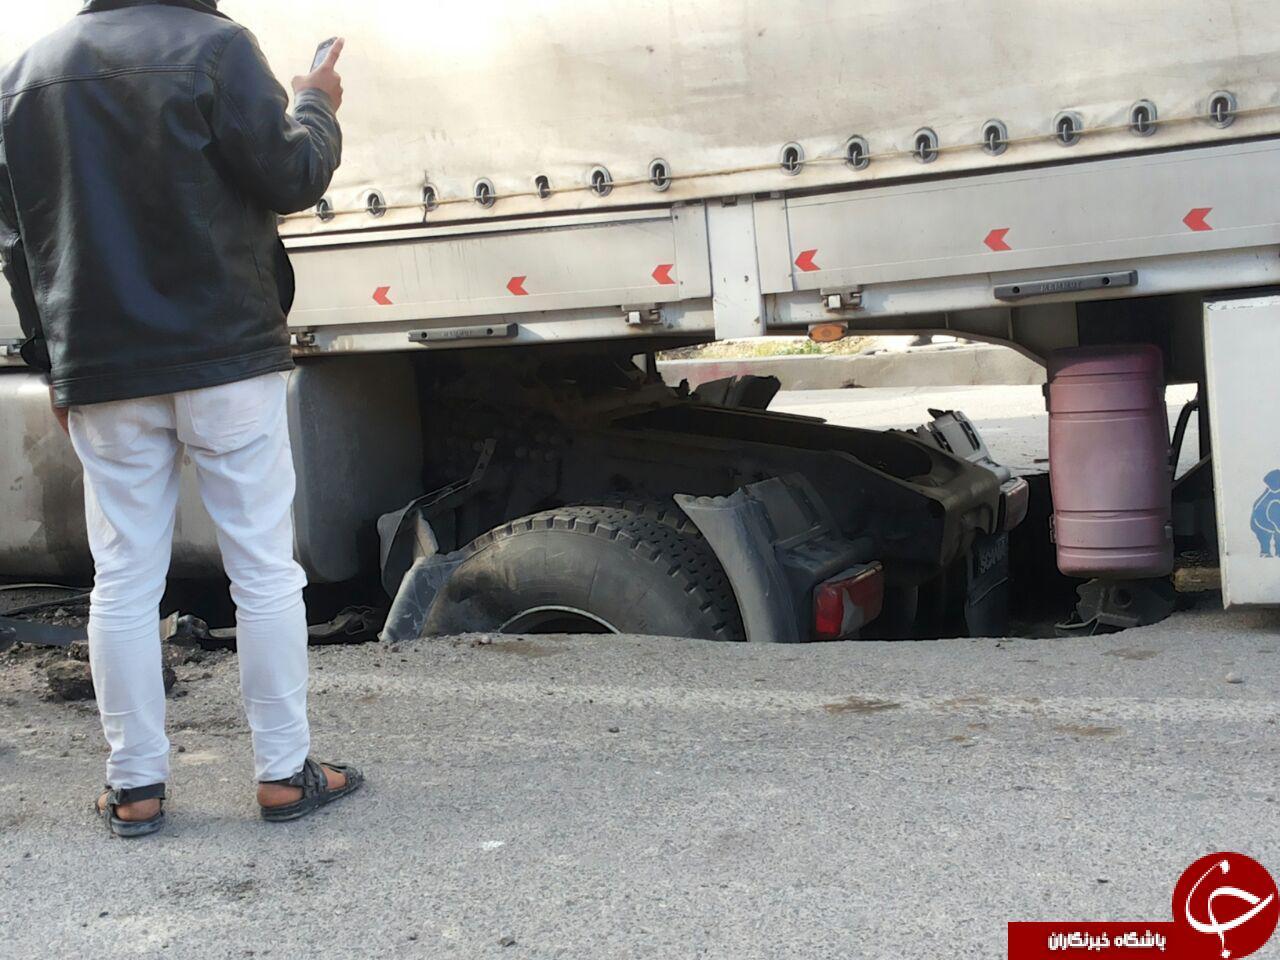 کامیونی که در خیابان بلعیده شد + فیلم و تصاویر